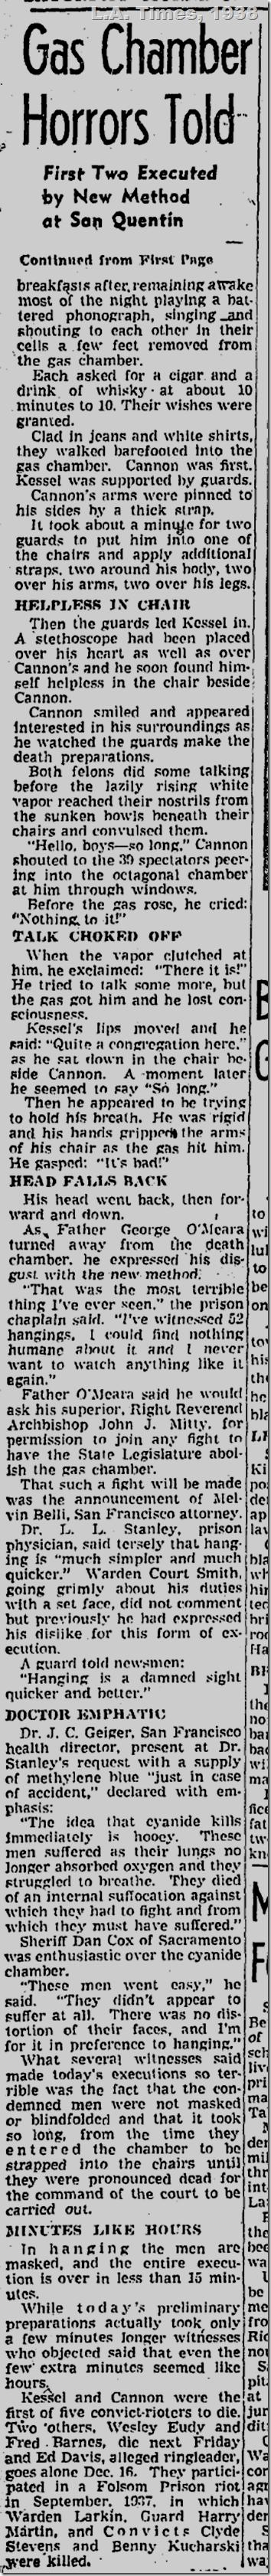 L.A. Times, 1938